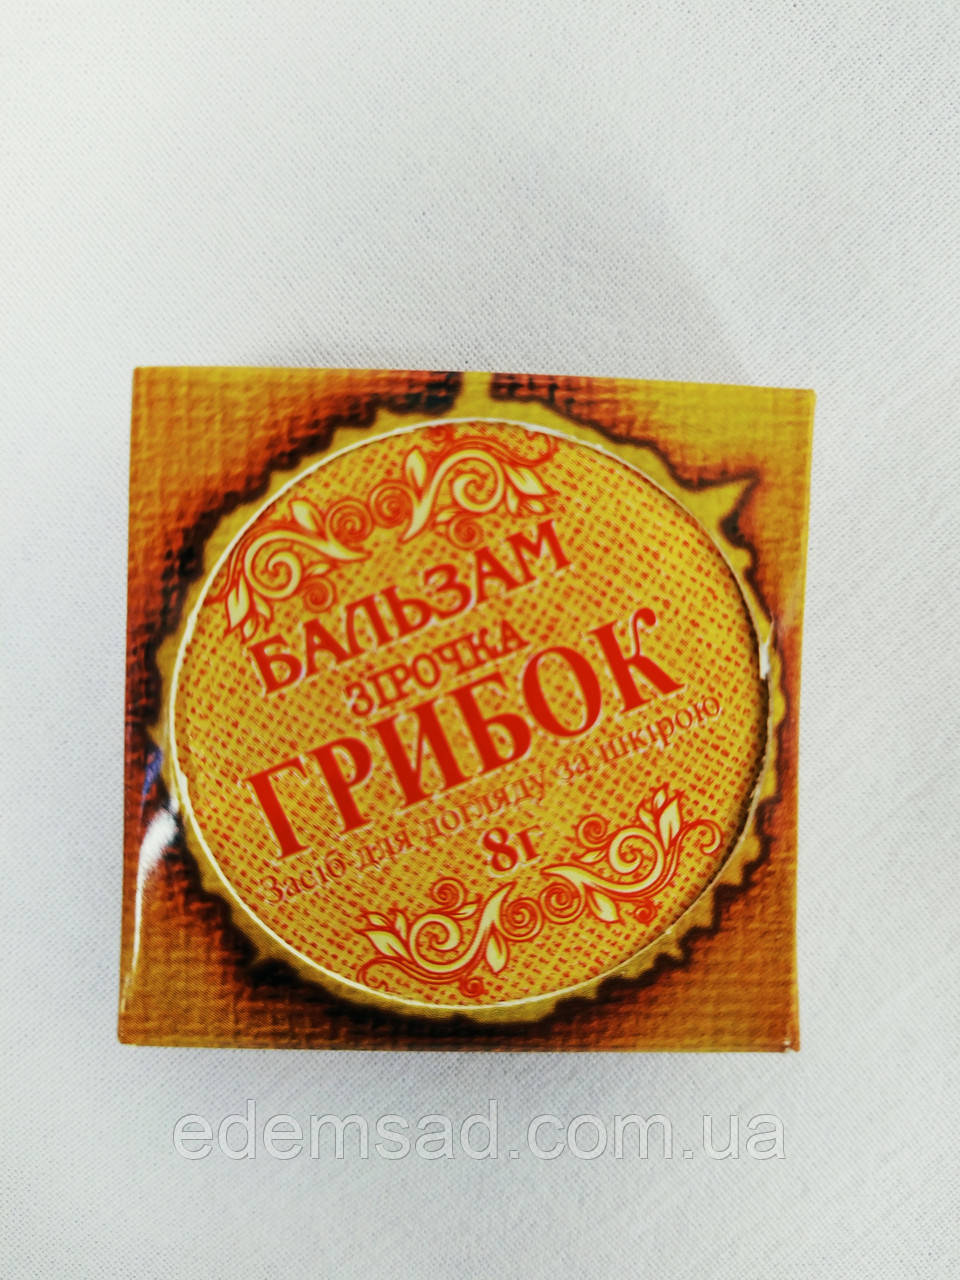 Зірочка Грибок (протигрибковий) бальзам, банку 8 г